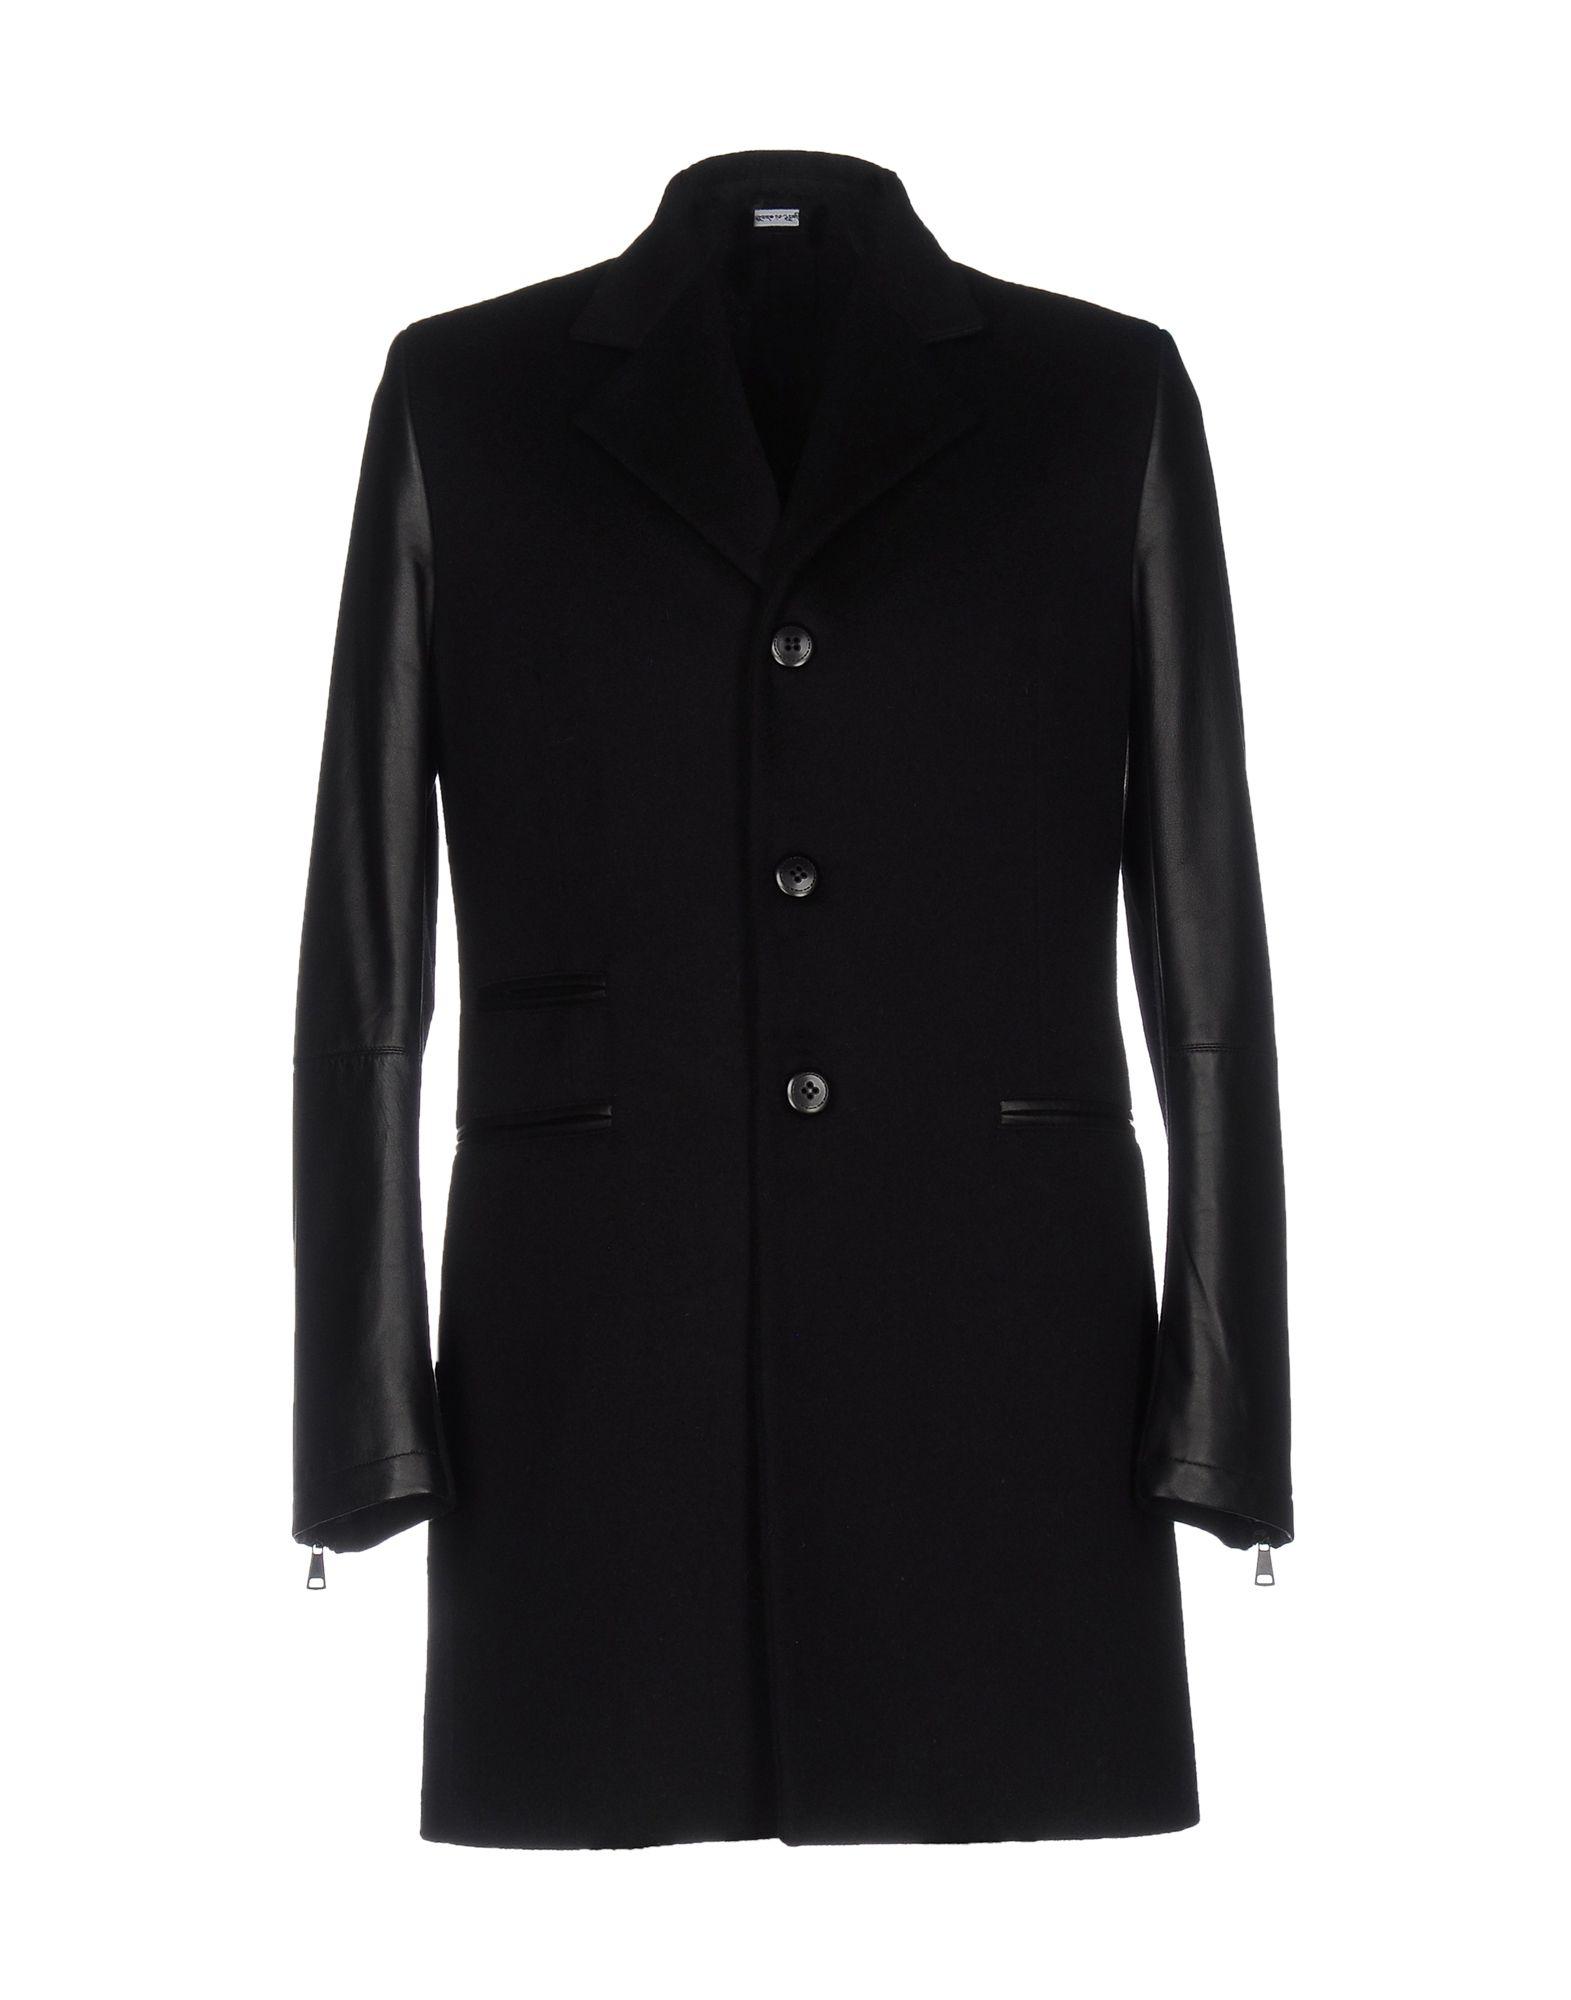 YOON Пальто пальто зима кожаные рукава цена